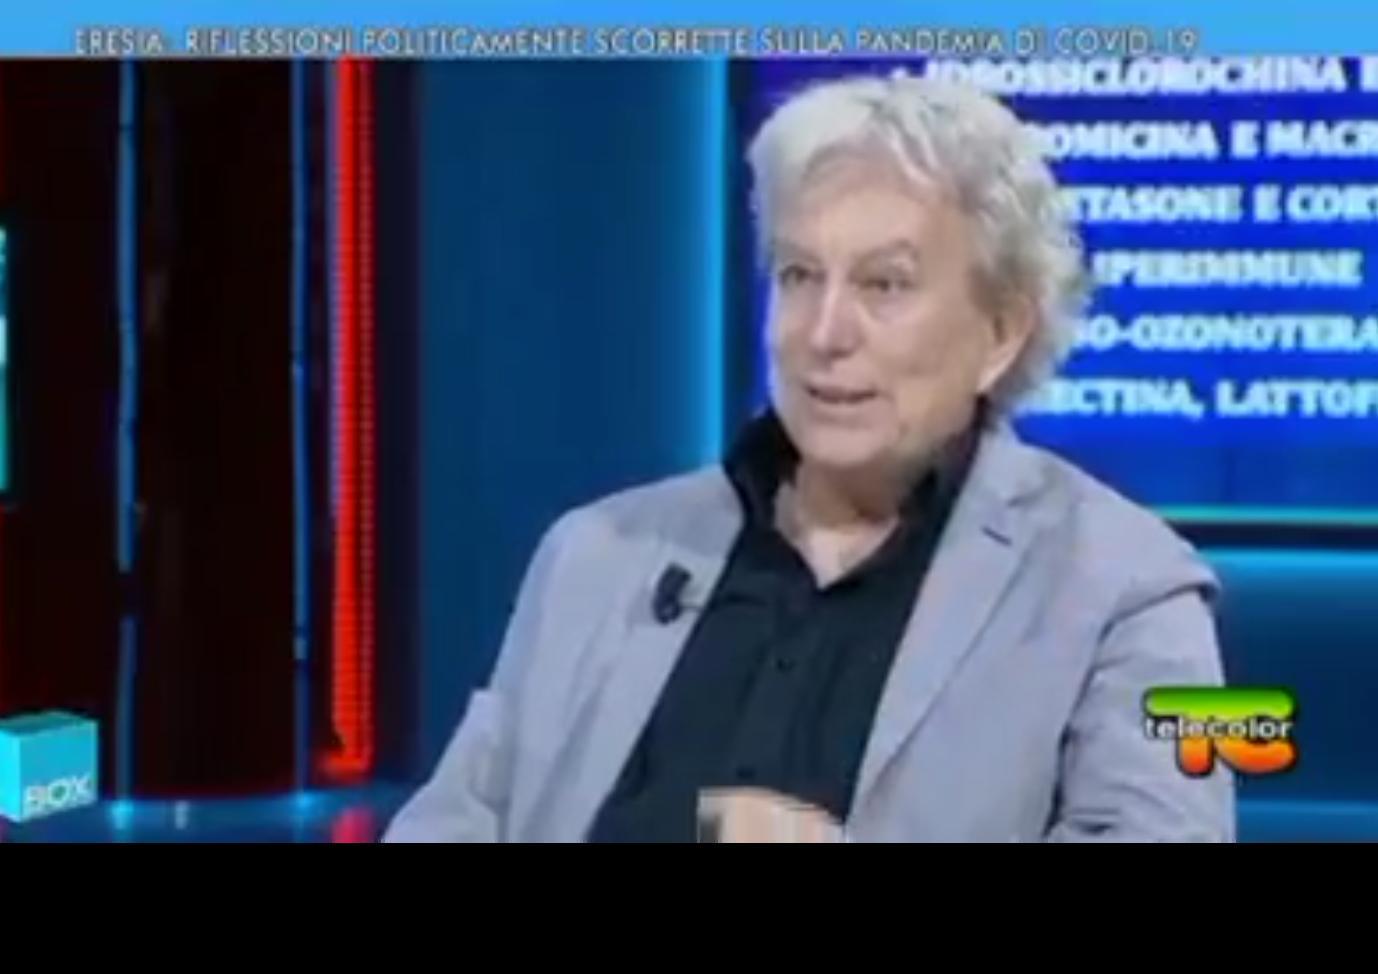 dr. Citro e la verità sul covid: intervista completa